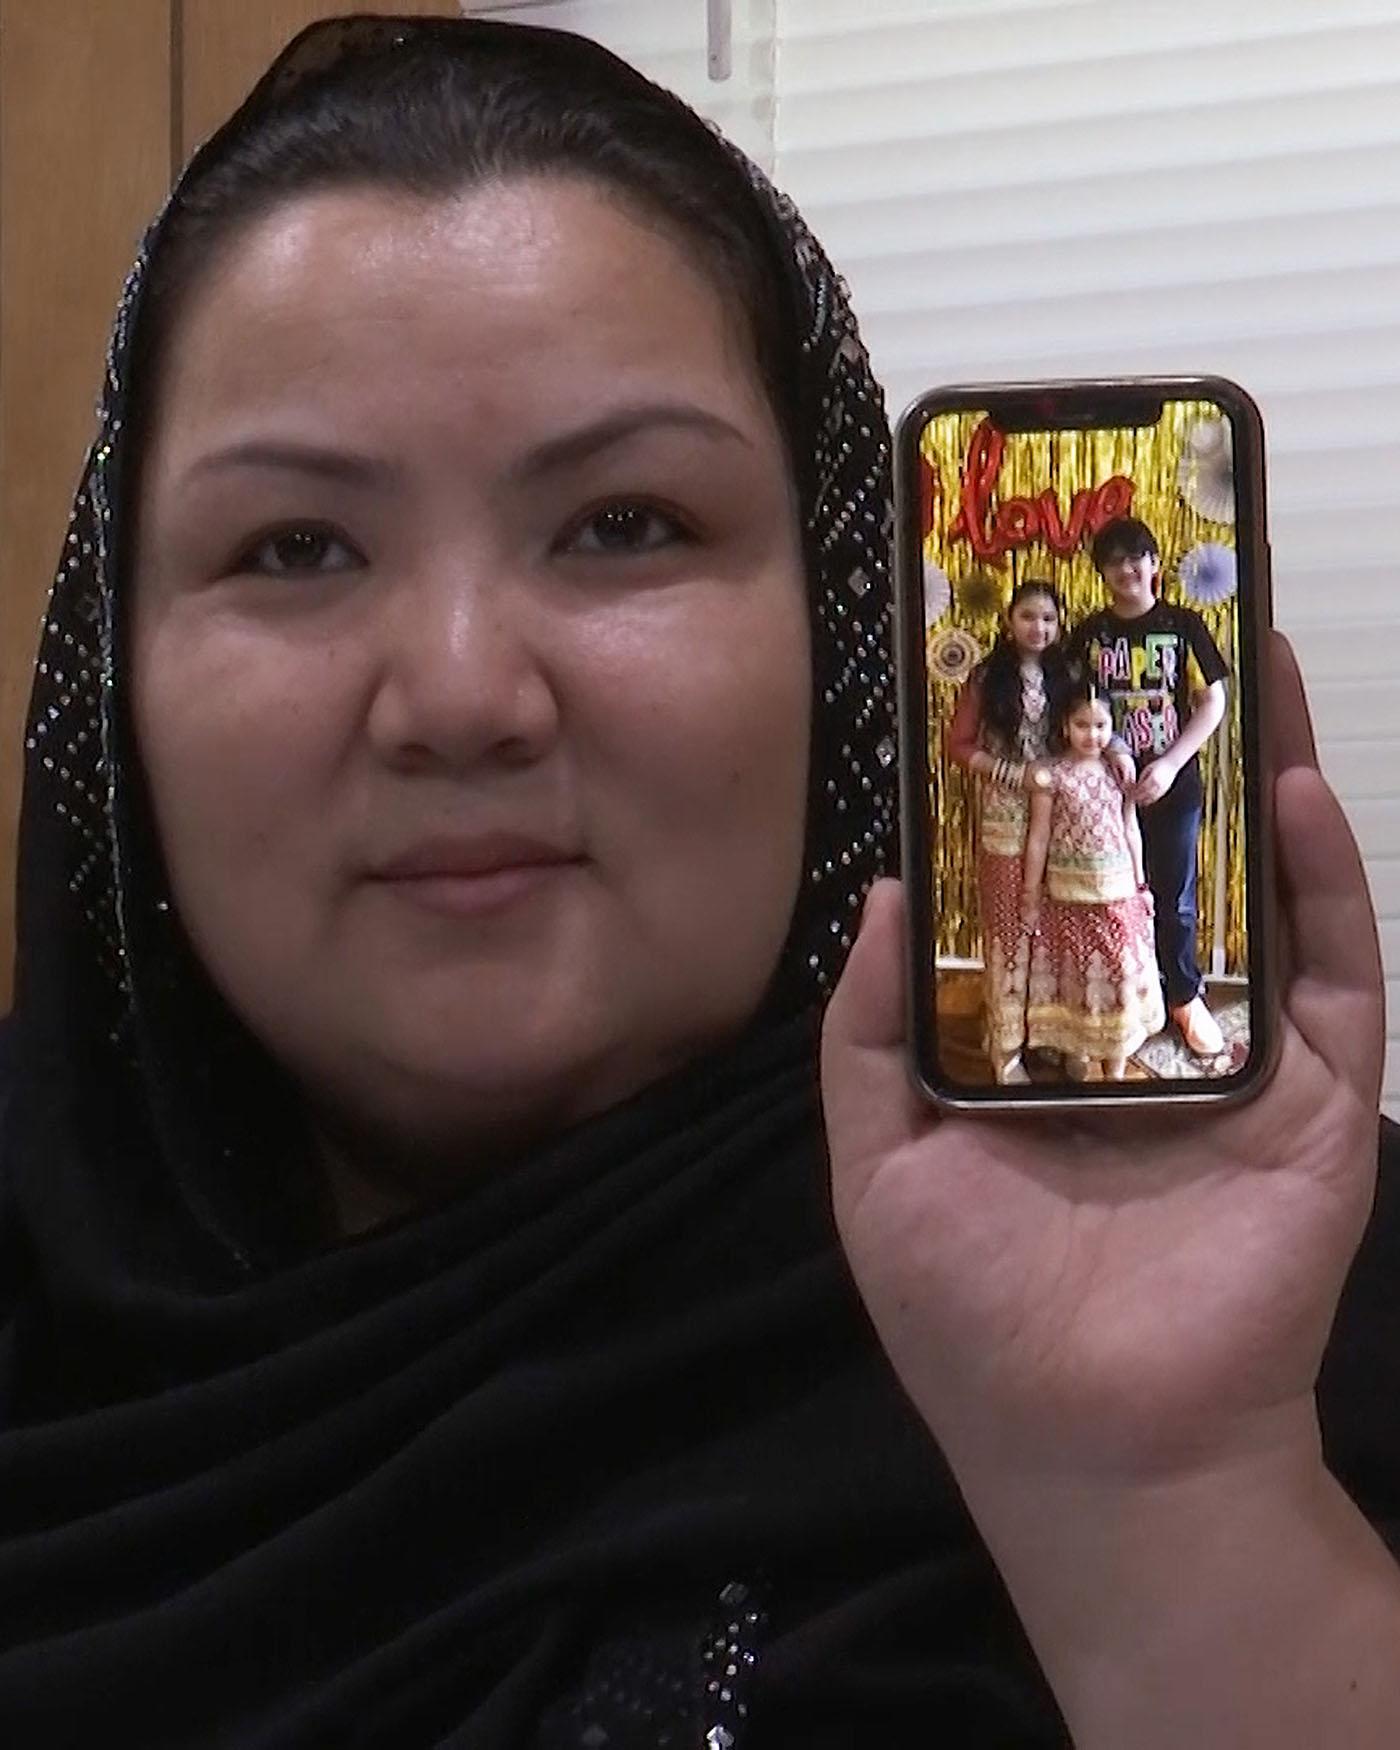 来自新疆的维吾尔人Zumret Dawut在美国弗吉尼亚的家里展示手机上她的孩子照片。(美联社)